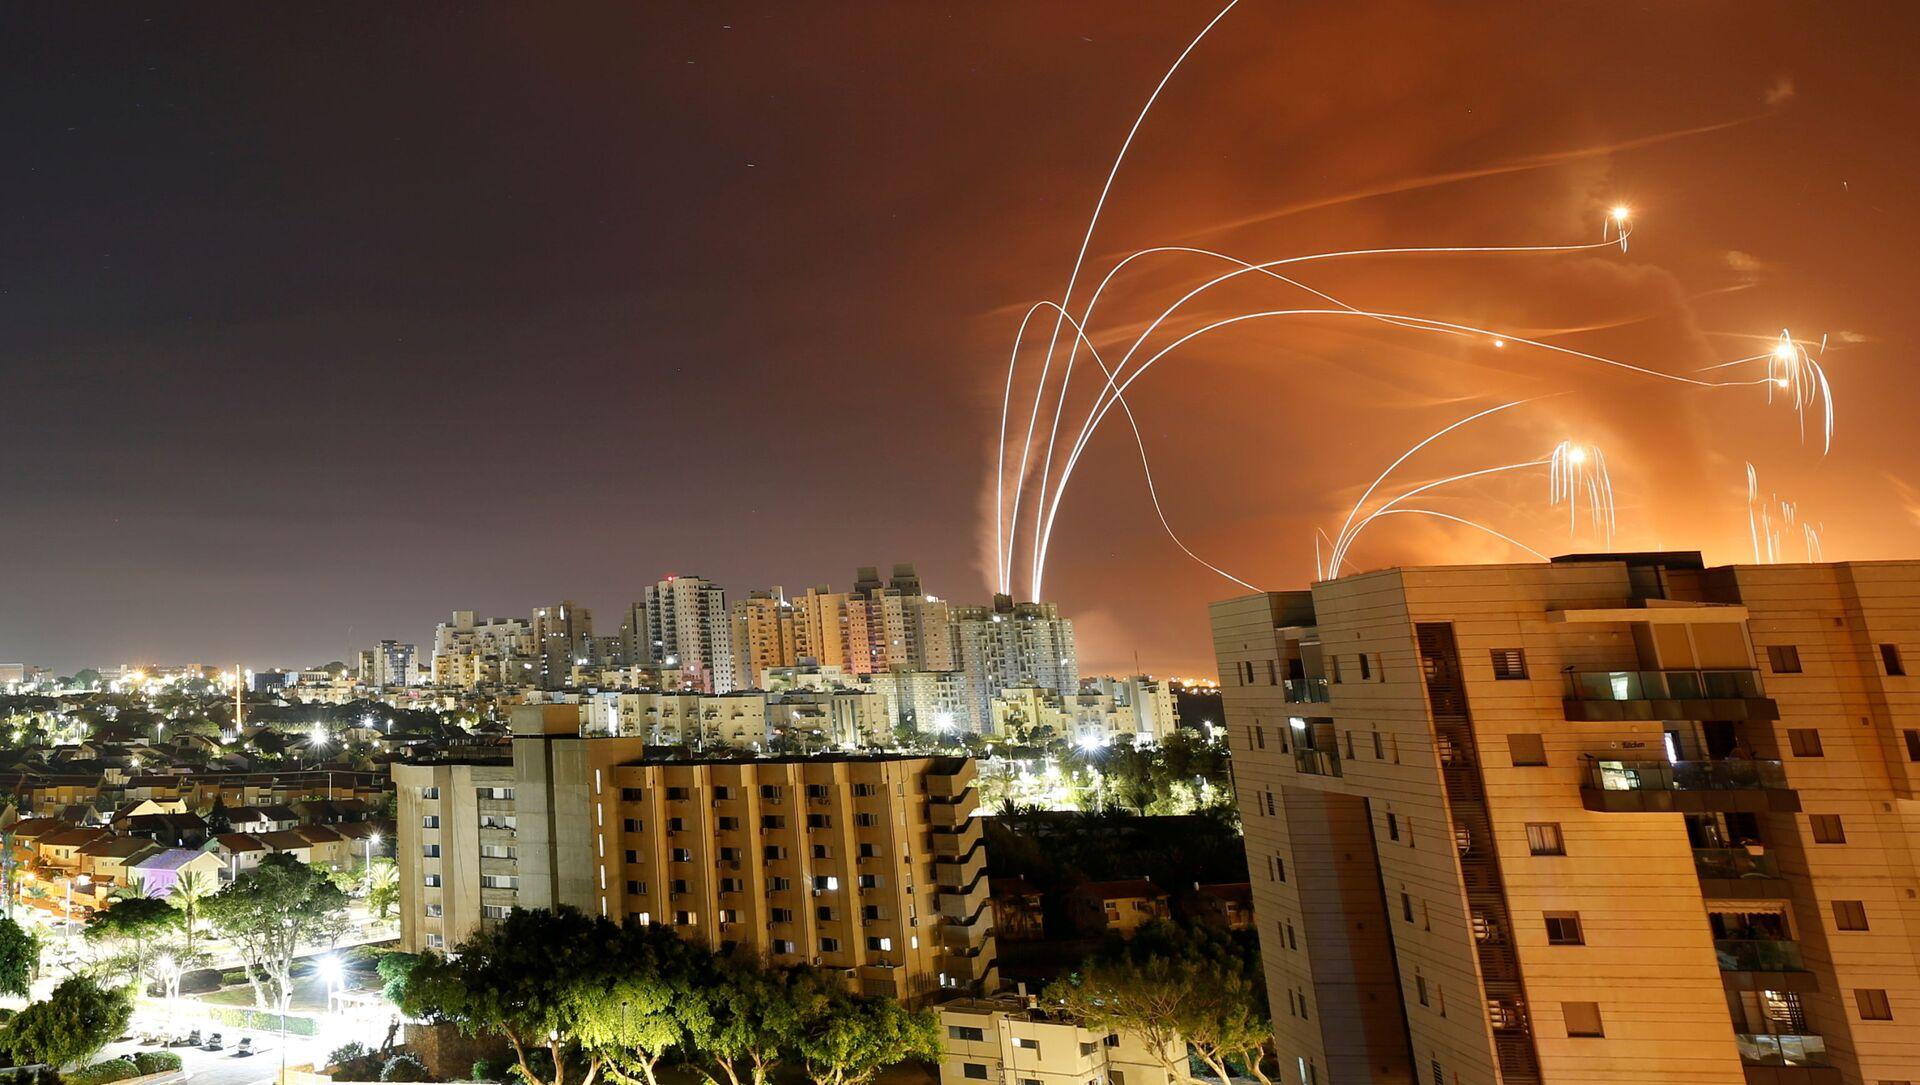 Израильская противоракетная система Iron Dome перехватывает ракеты, запущенные из сектора Газа - Sputnik 日本, 1920, 17.05.2021